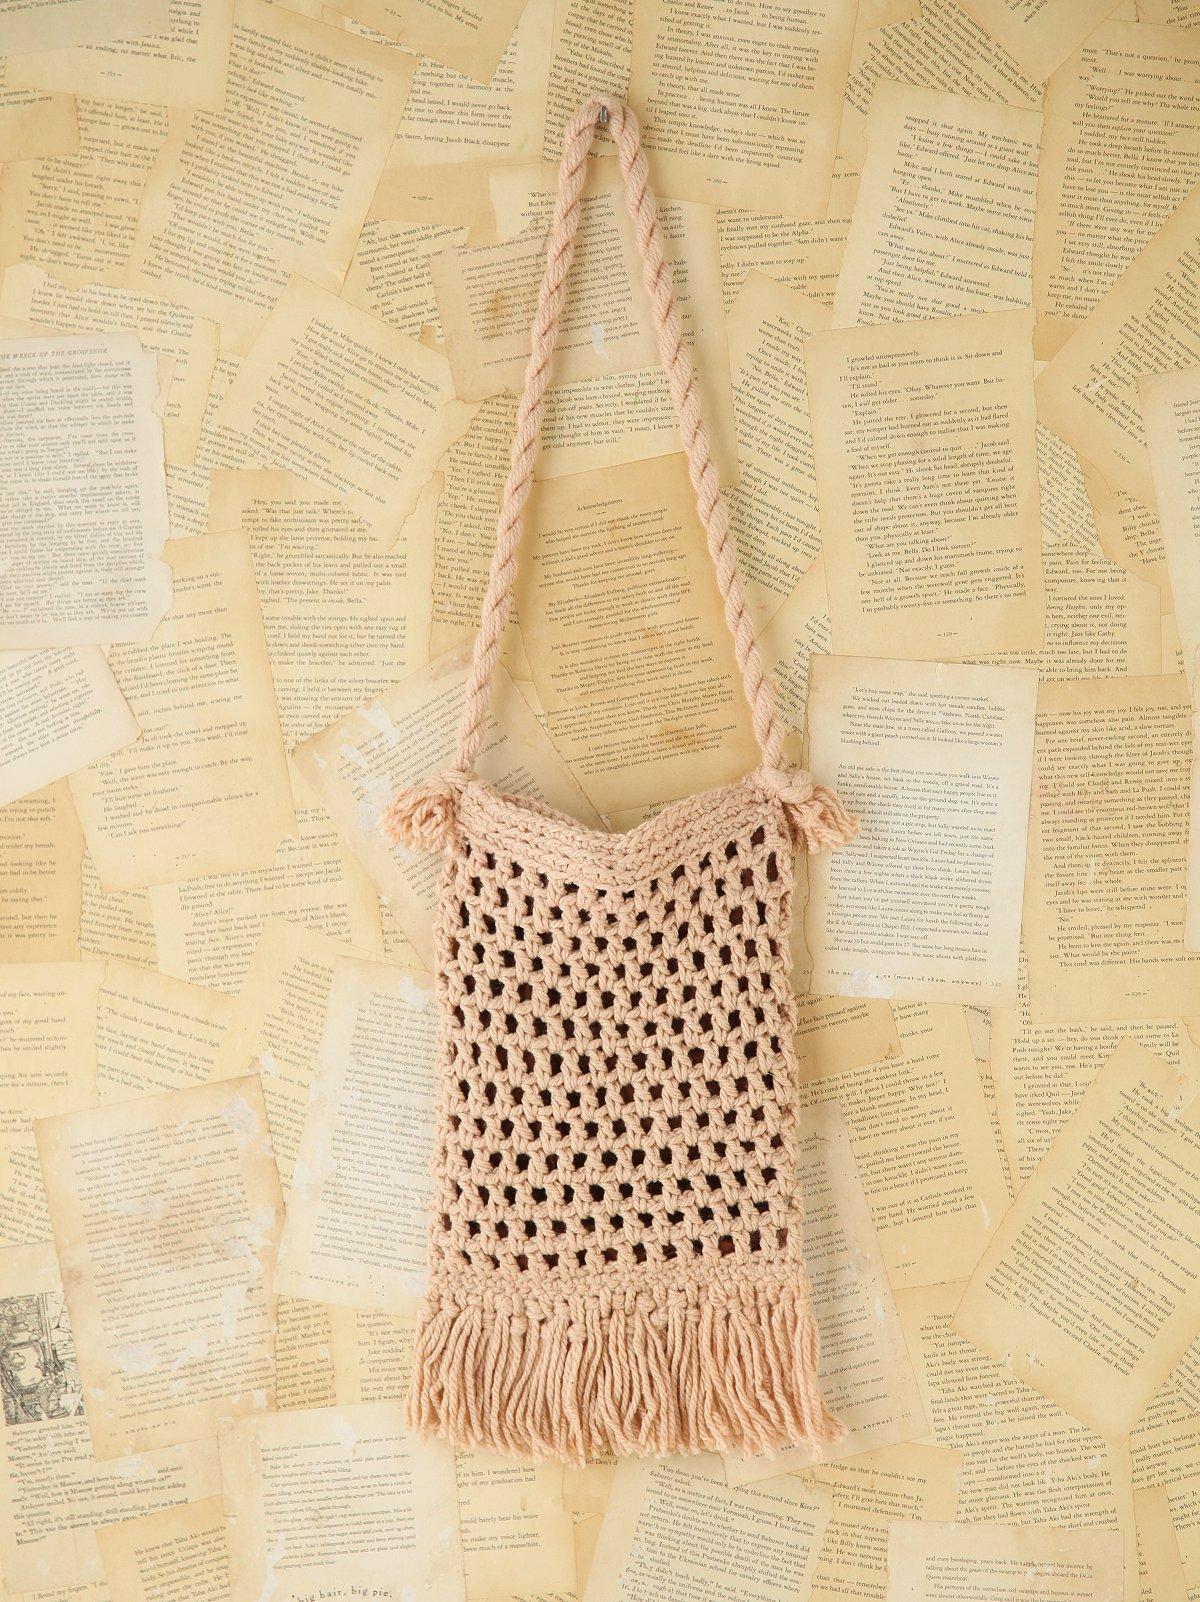 Vintage Macrame Rope Bag